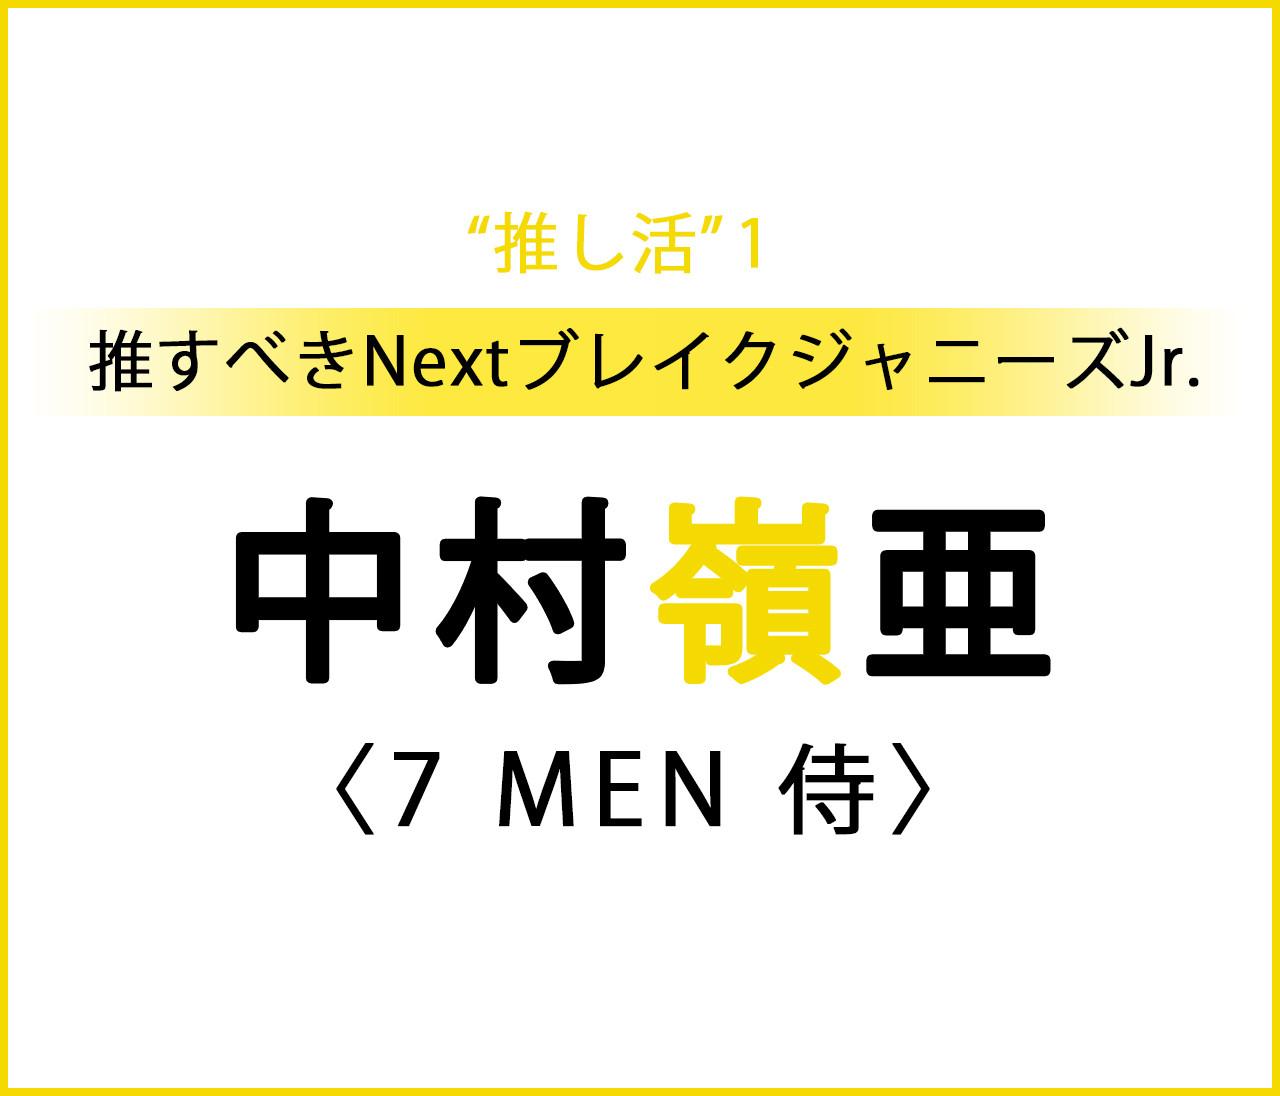 【推すべきNextブレイクジャニーズJr.】 #7MEN侍 #中村嶺亜 インタビュー